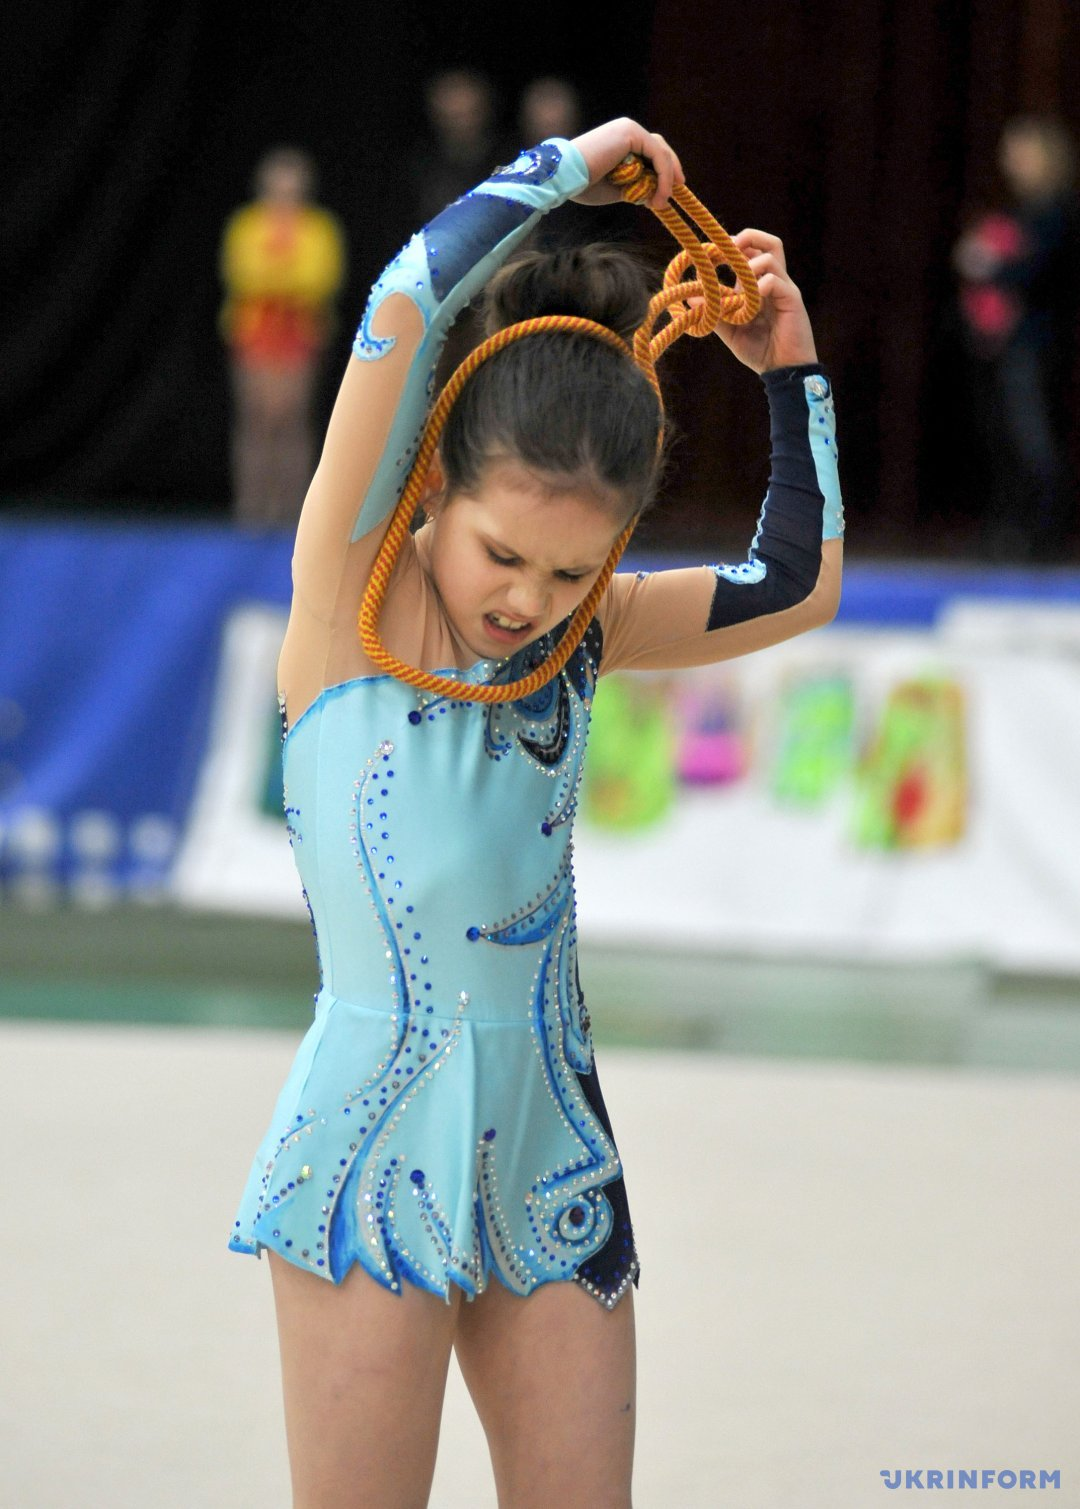 Спортсменка під час виступу у рамках командного чемпіонату Луганської області з художньої гімнастики